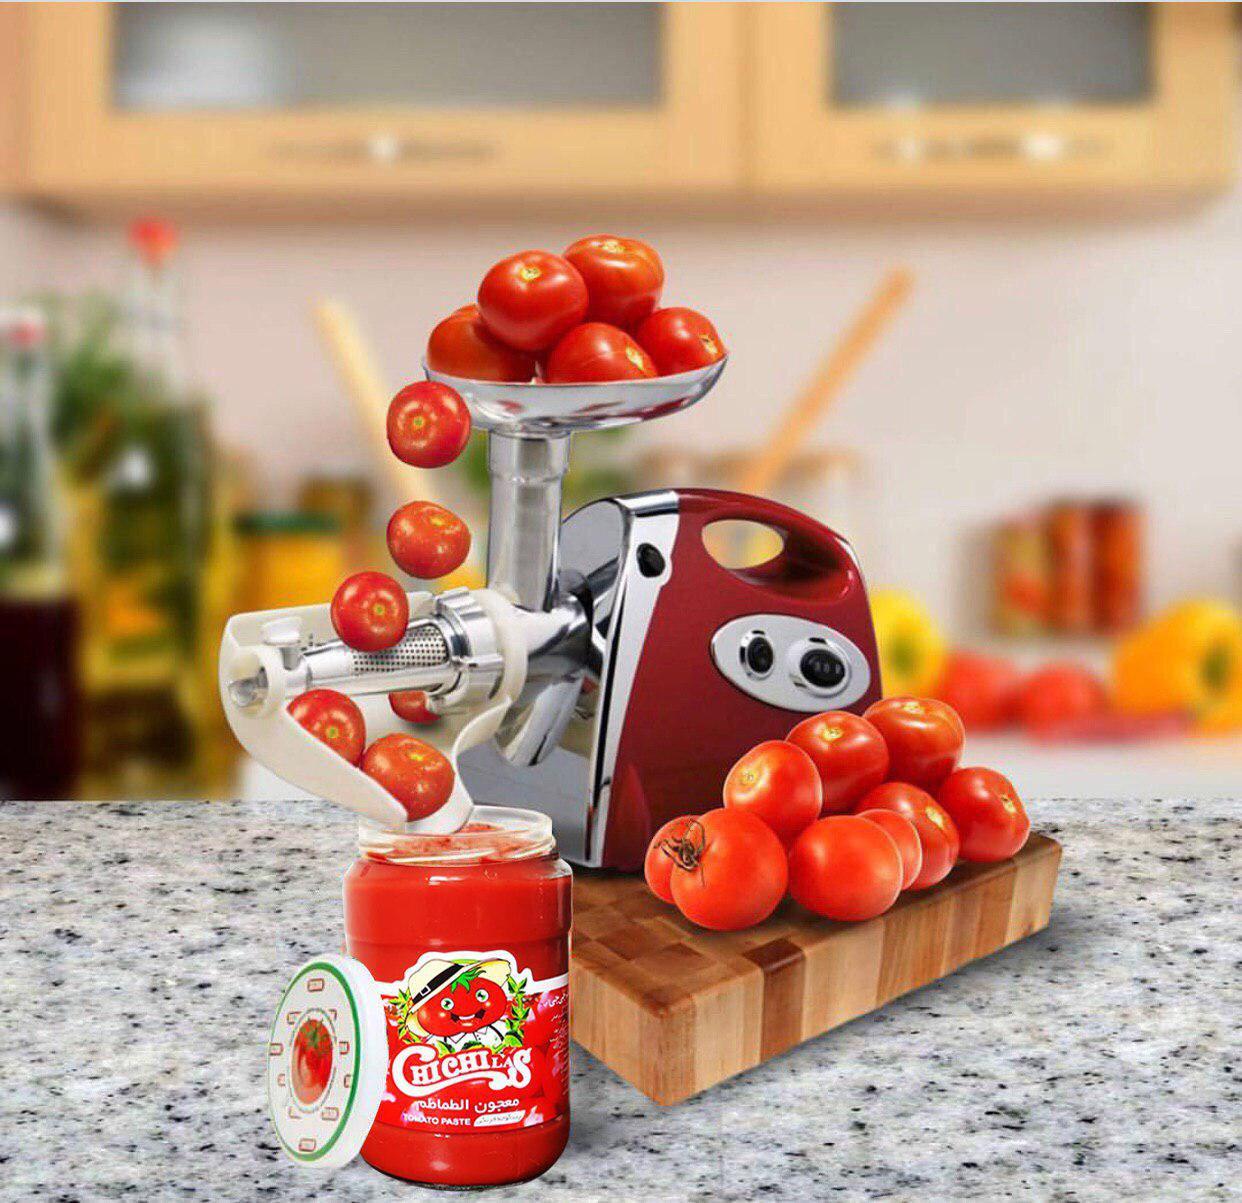 رب گوجه فرنگی شیشه درجه یک مارک چی چی لاس